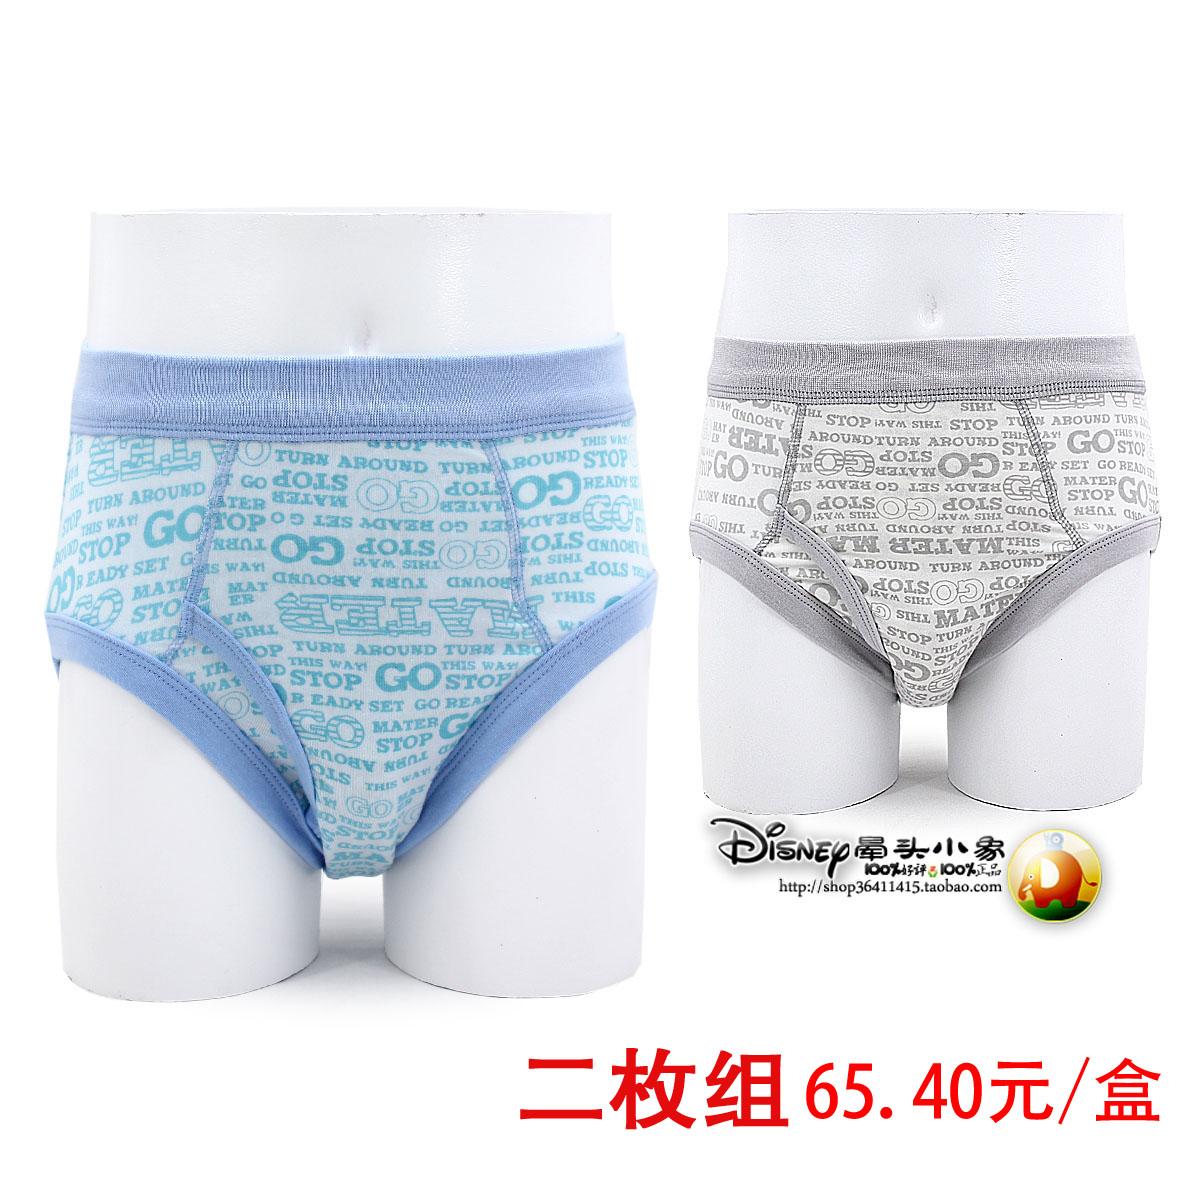 内裤图_【迪士尼男童内裤】_男童穿内裤图_4岁男童被